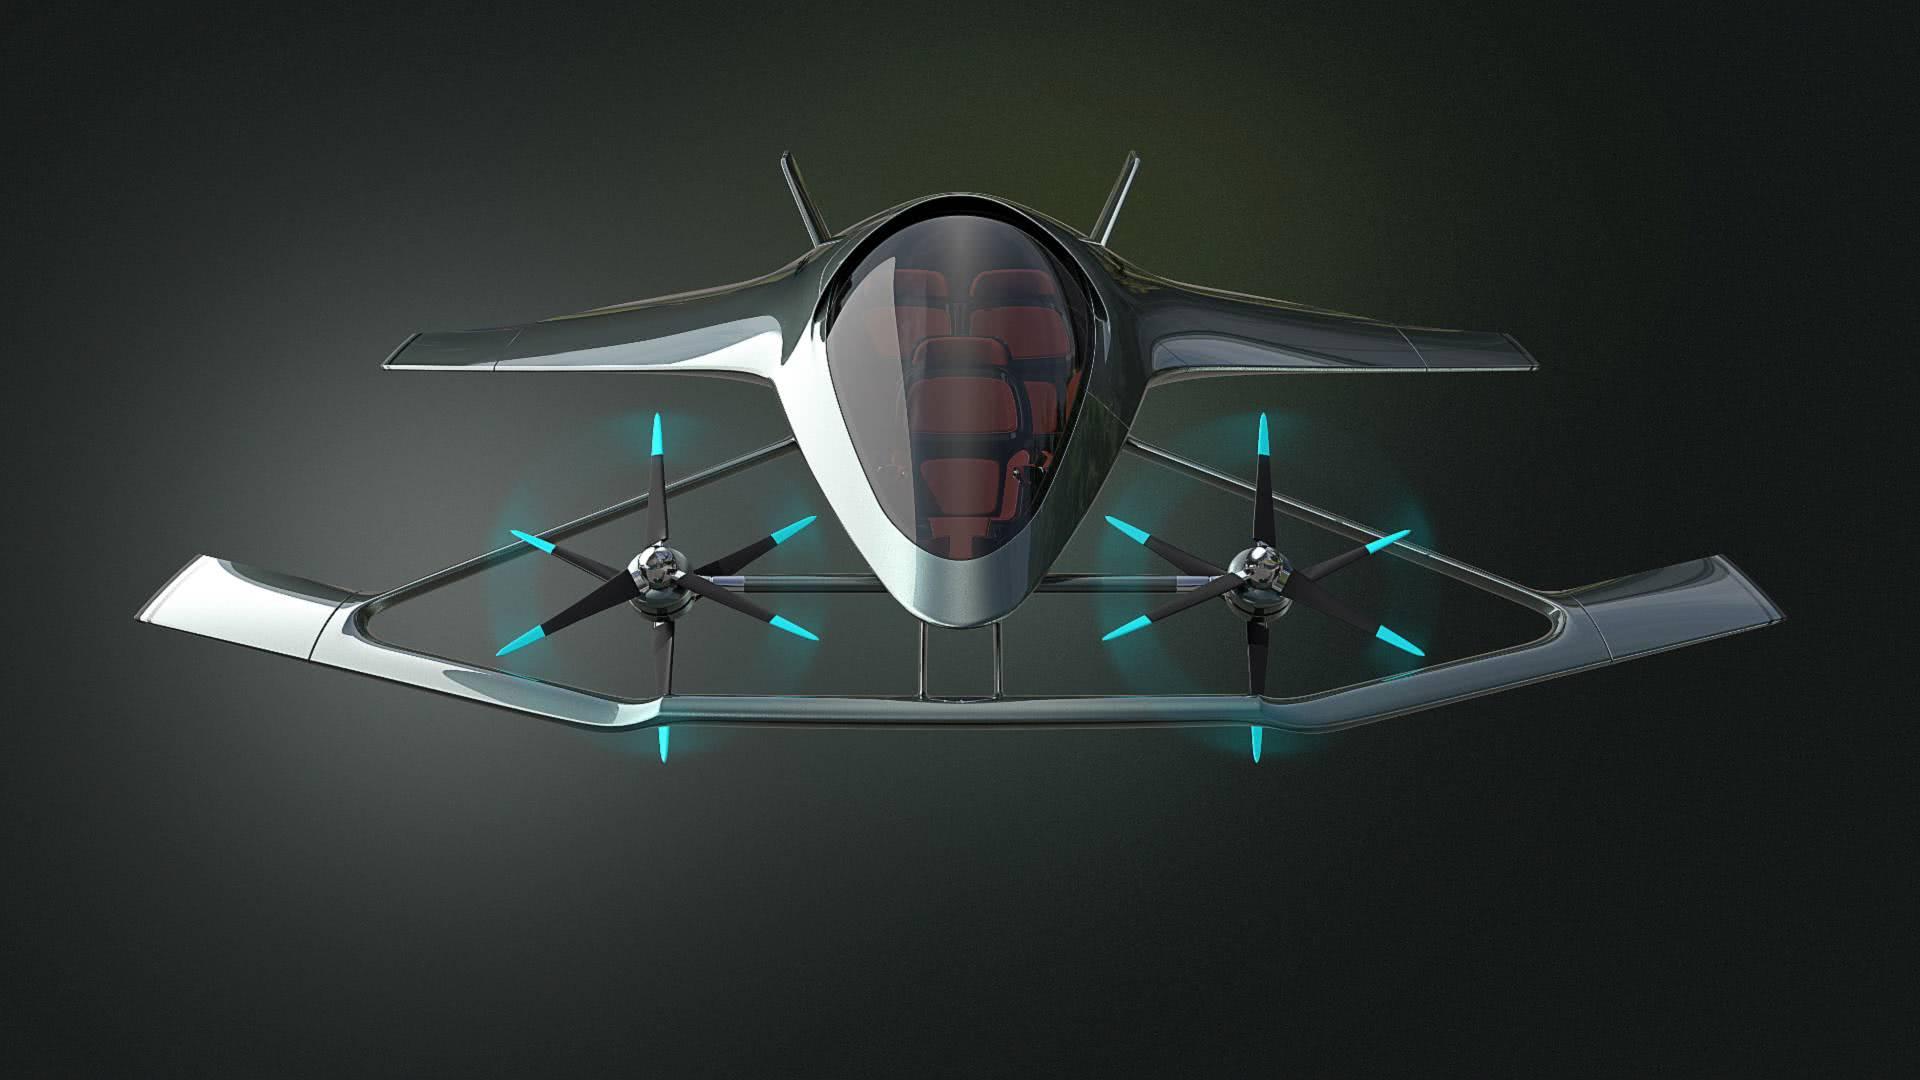 英科幻飞行器造价五百万英镑,酷似外星战机有军用前景